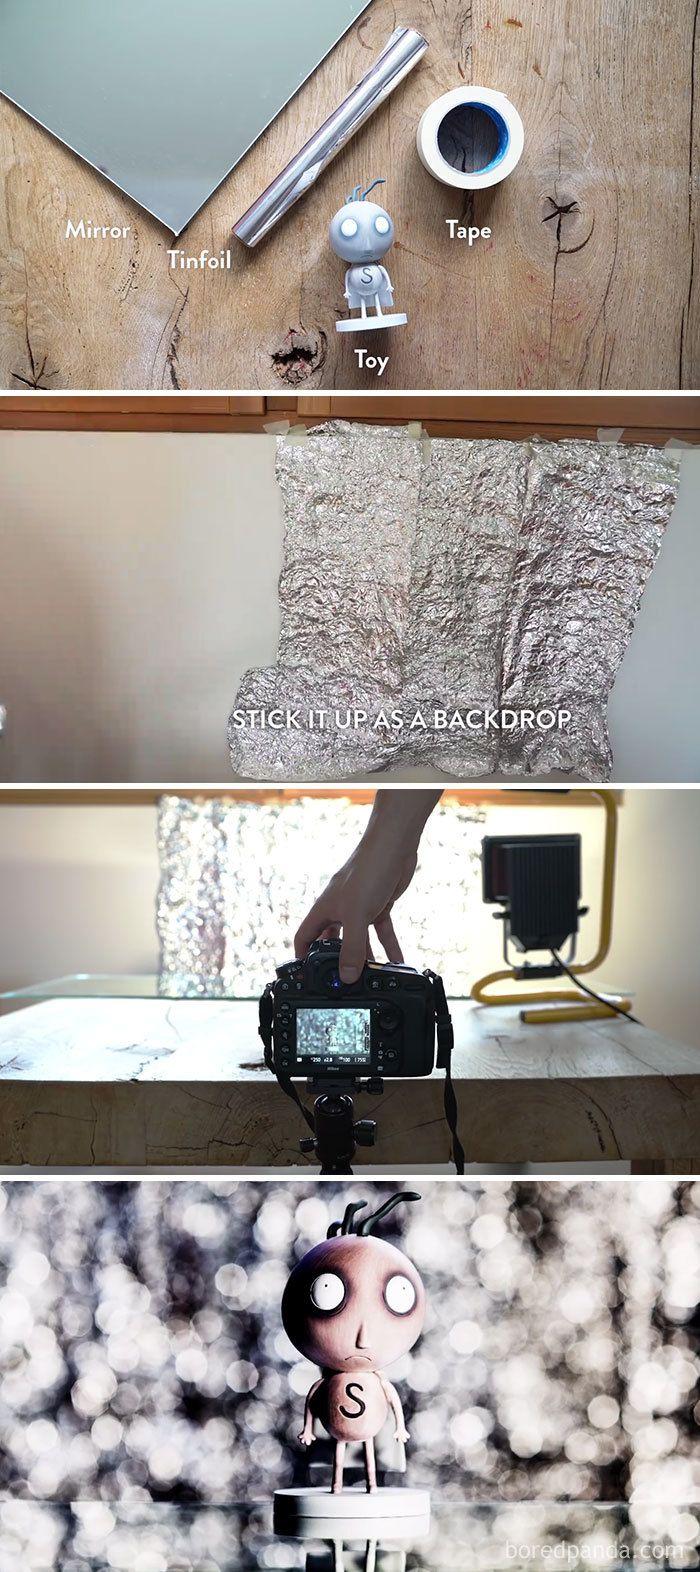 Estes truques vão dar a você a possibilidade de tirar fotografias maravilhosas mesmo com um equipamento amador.